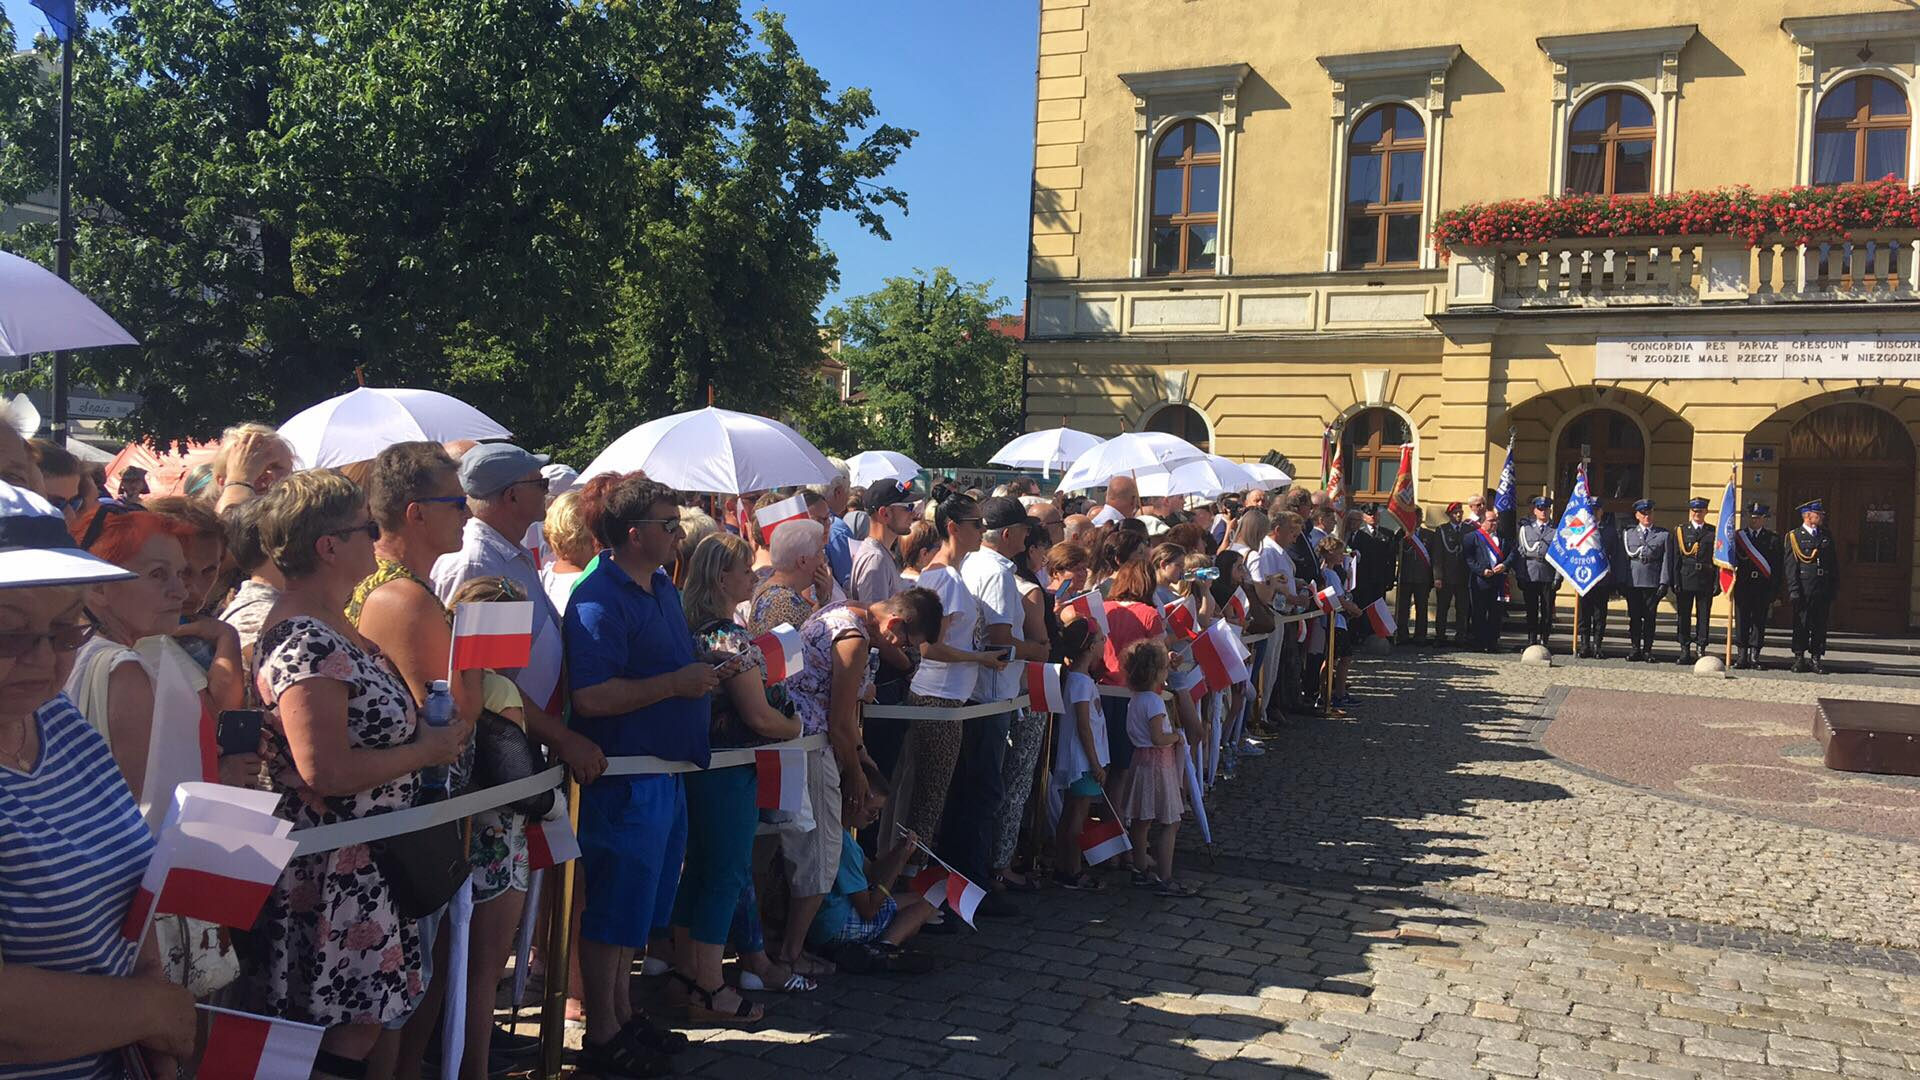 Ostrowianie czekają na prezydenta RP A Dudę  - Danuta Synkiewicz